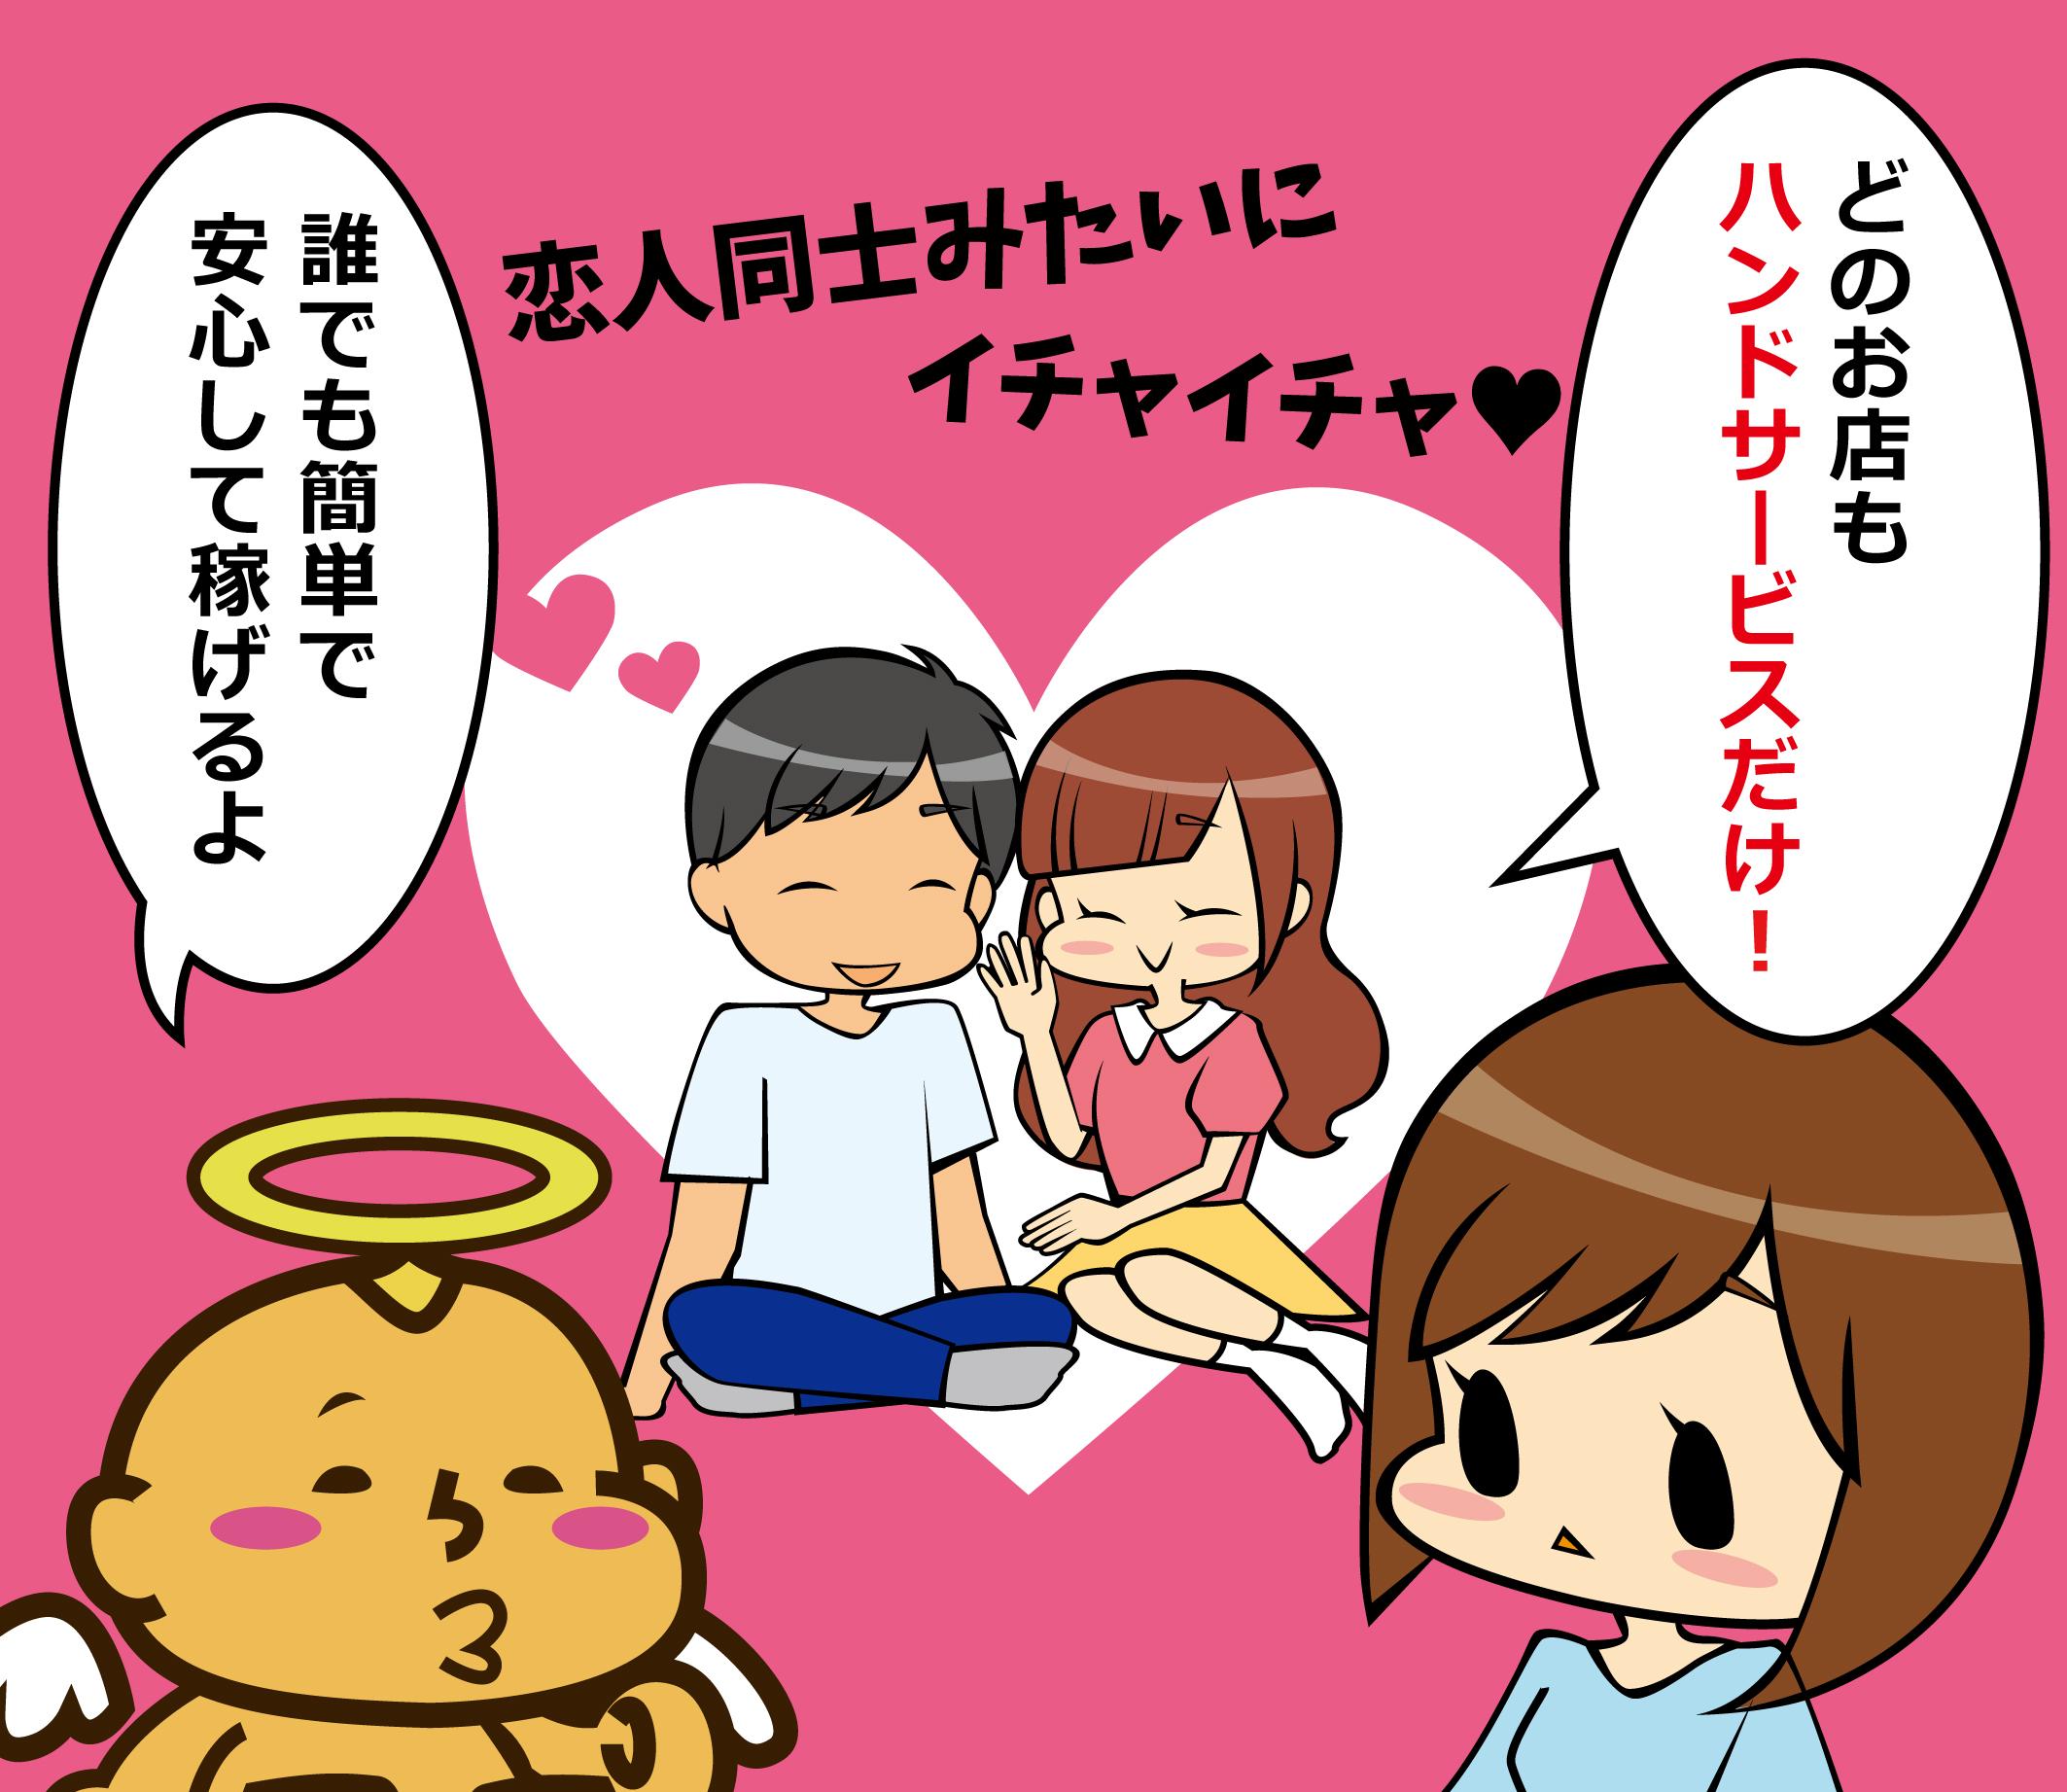 テコちゃん求人漫画7